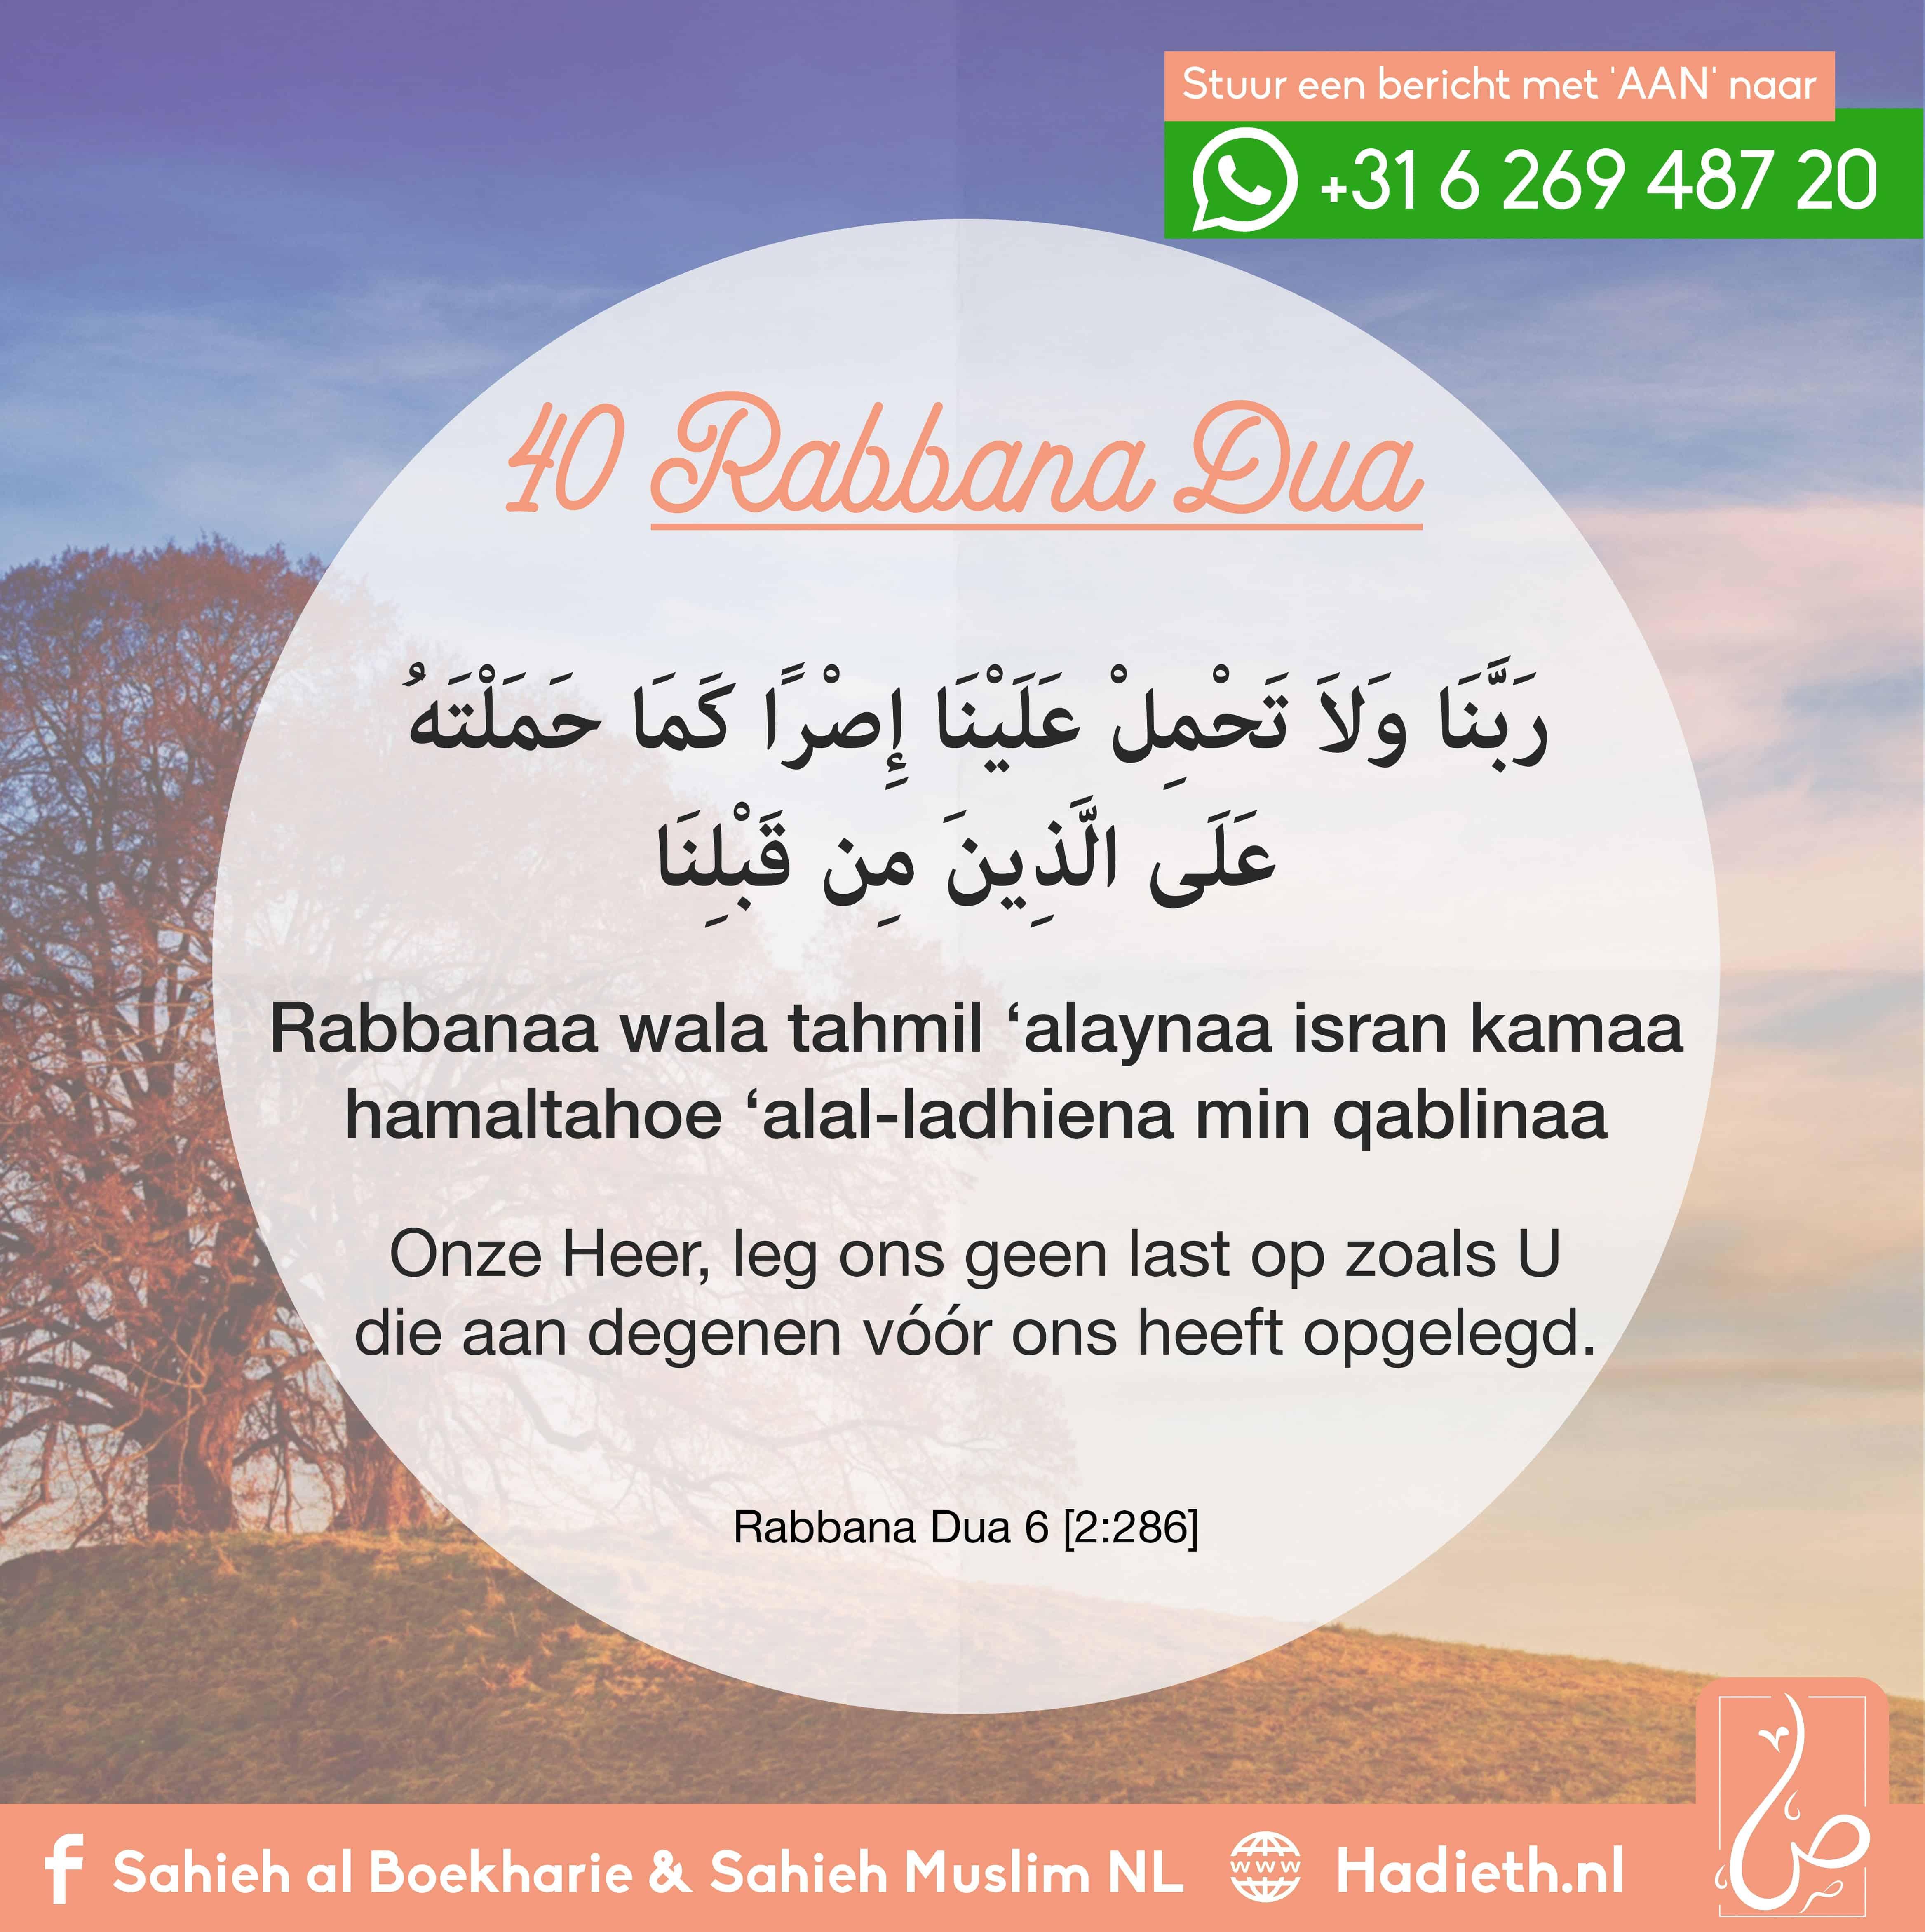 Rabbana Dua 6